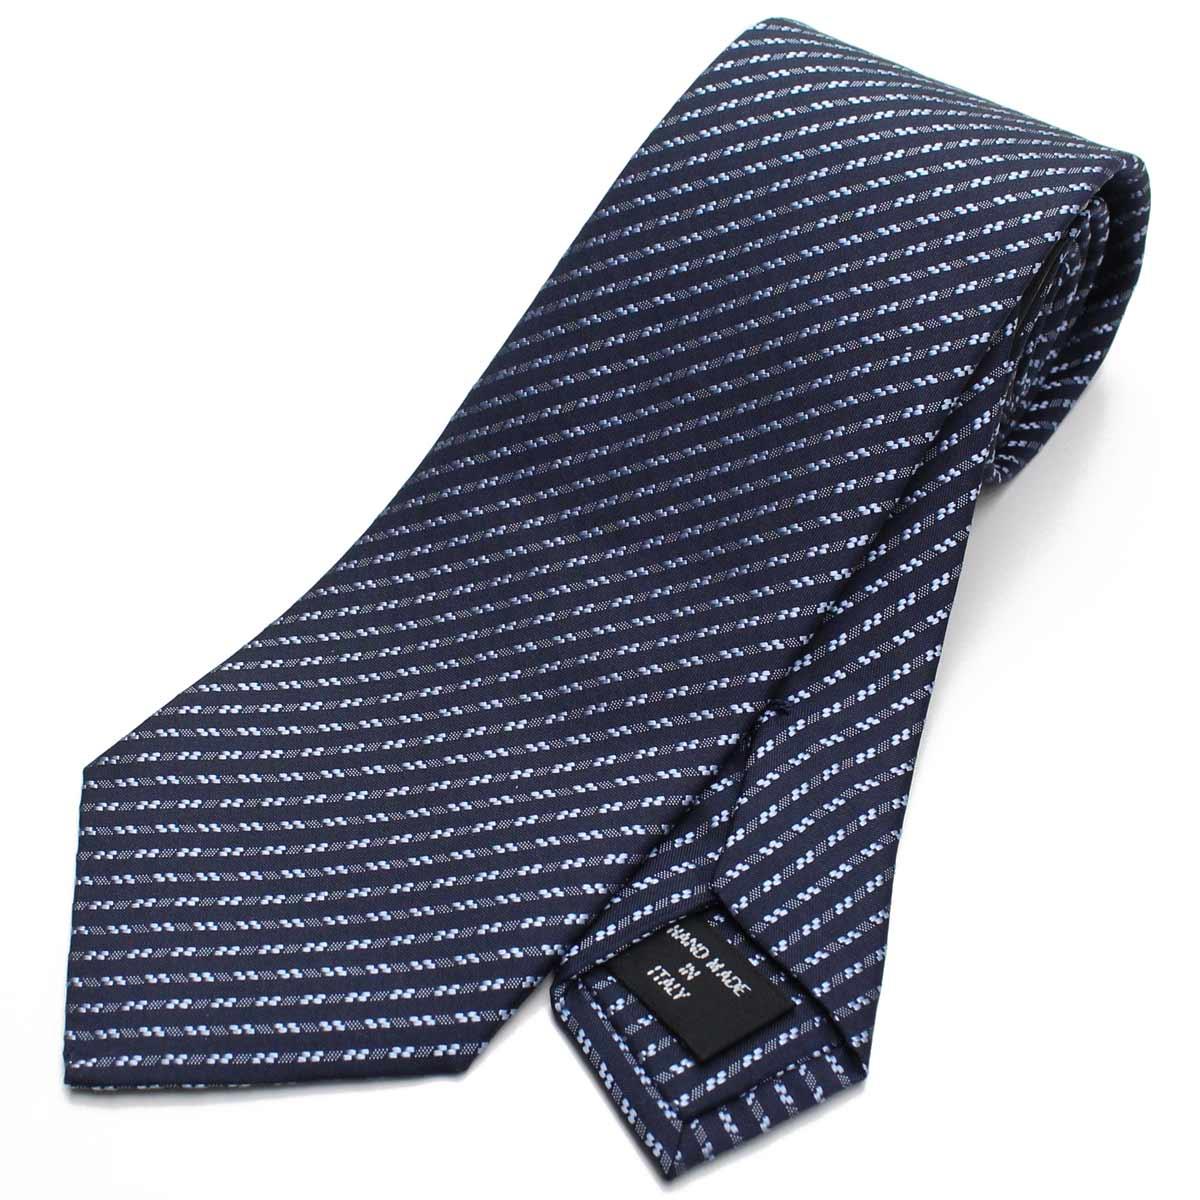 ジョルジオ アルマーニ GIORGIO ARMANI ストライプ シルク ネクタイ レギュラータイ 360054 8A927 00036 NIGHT BLUE ブルー系 最安値挑戦中 メンズ